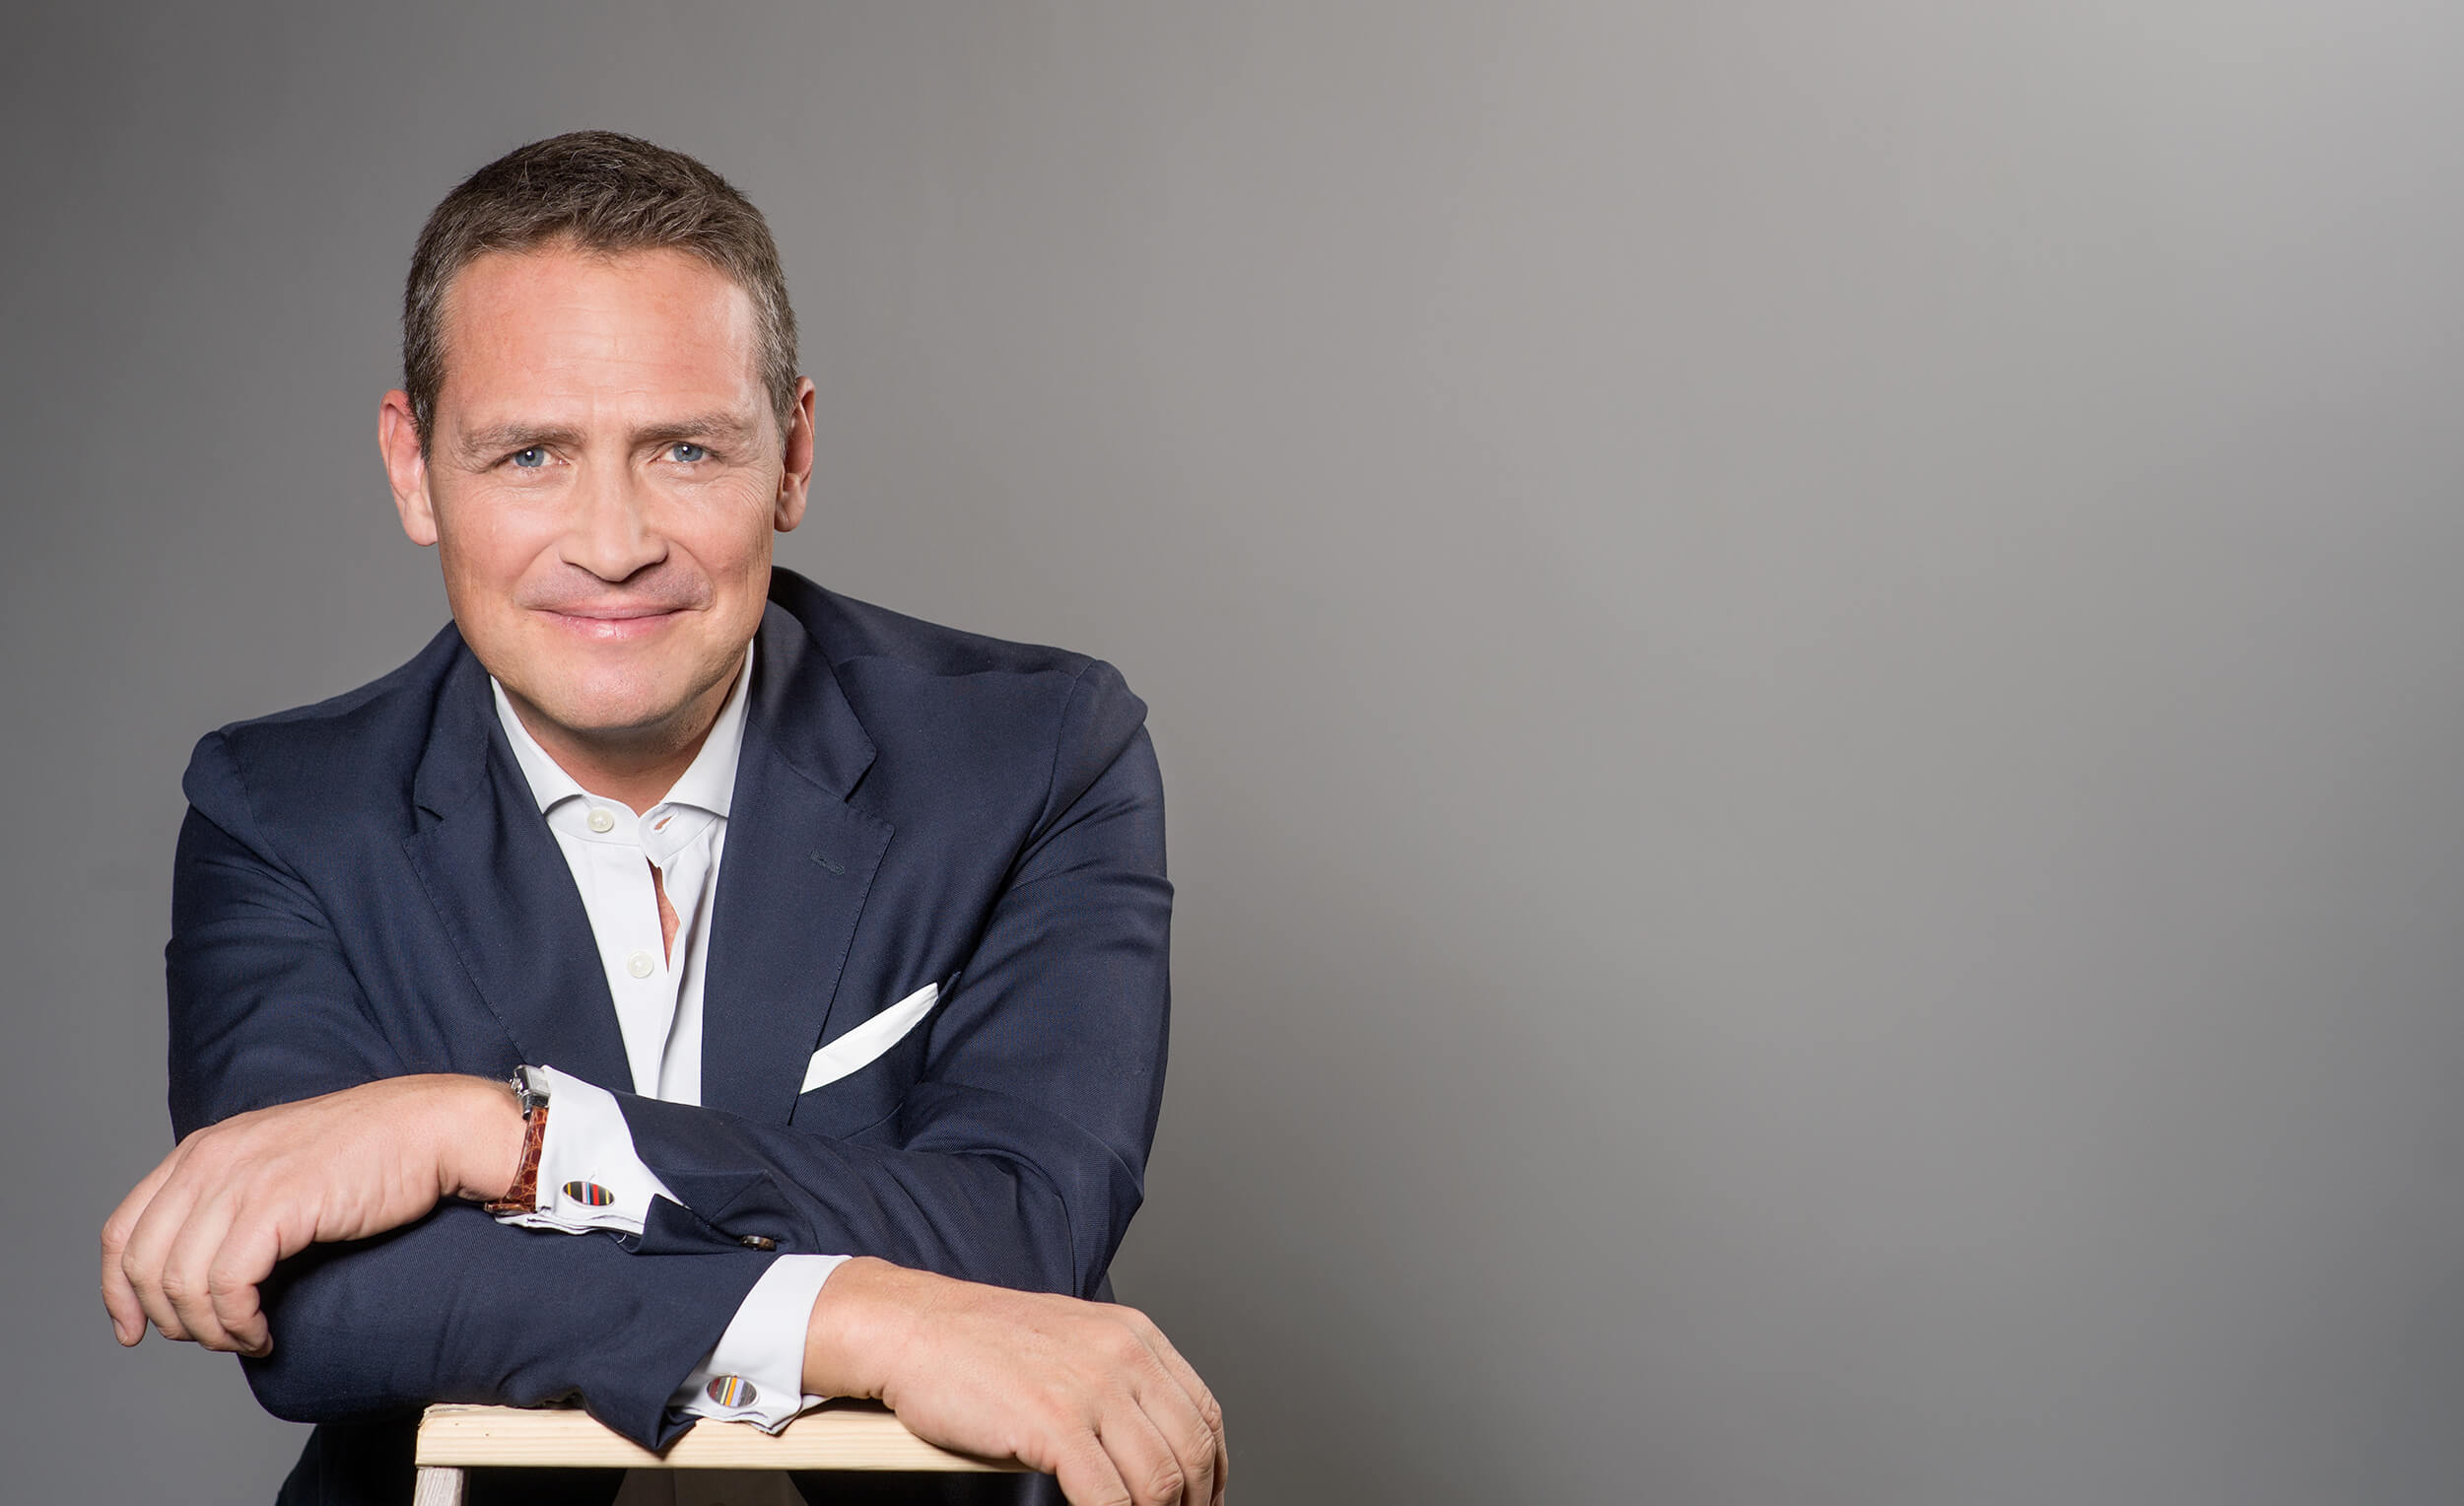 Stefan Beiten